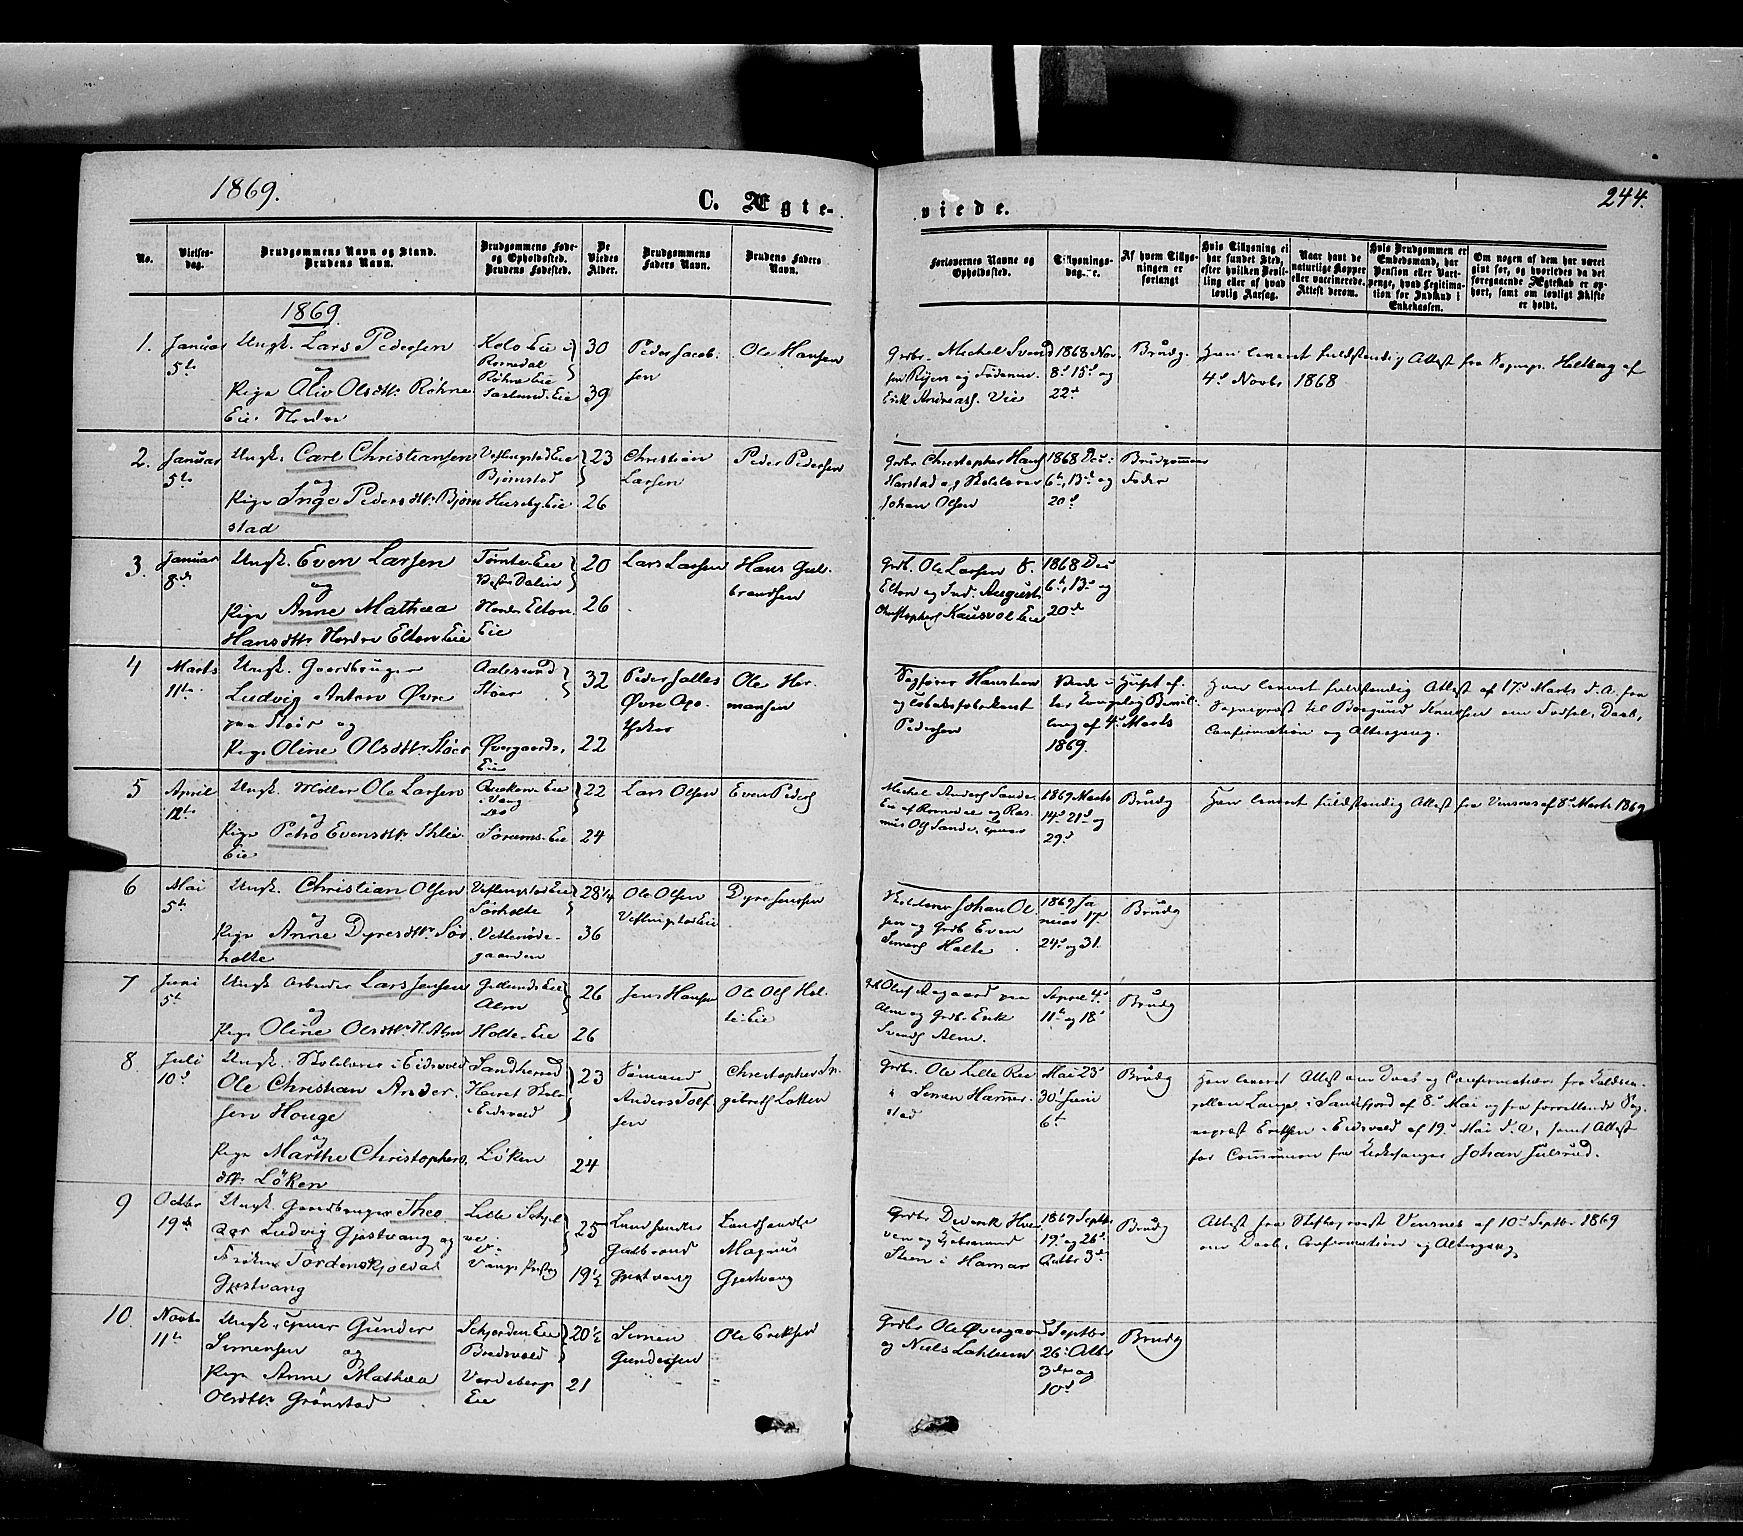 SAH, Stange prestekontor, K/L0013: Parish register (official) no. 13, 1862-1879, p. 244